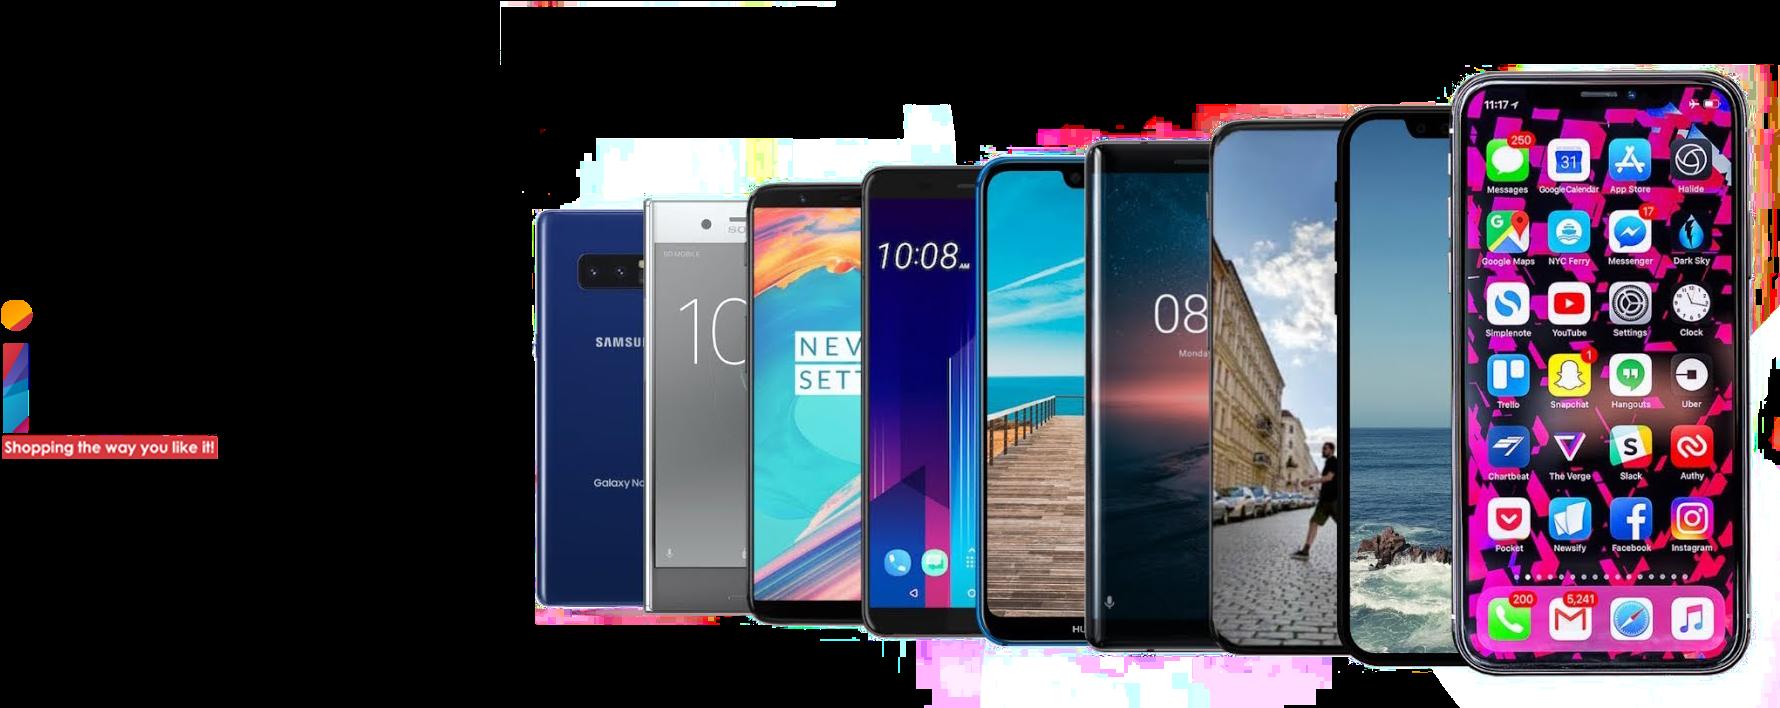 Mobiles & - World Best Top 10 Smartphones 2018 4k @960fps 6